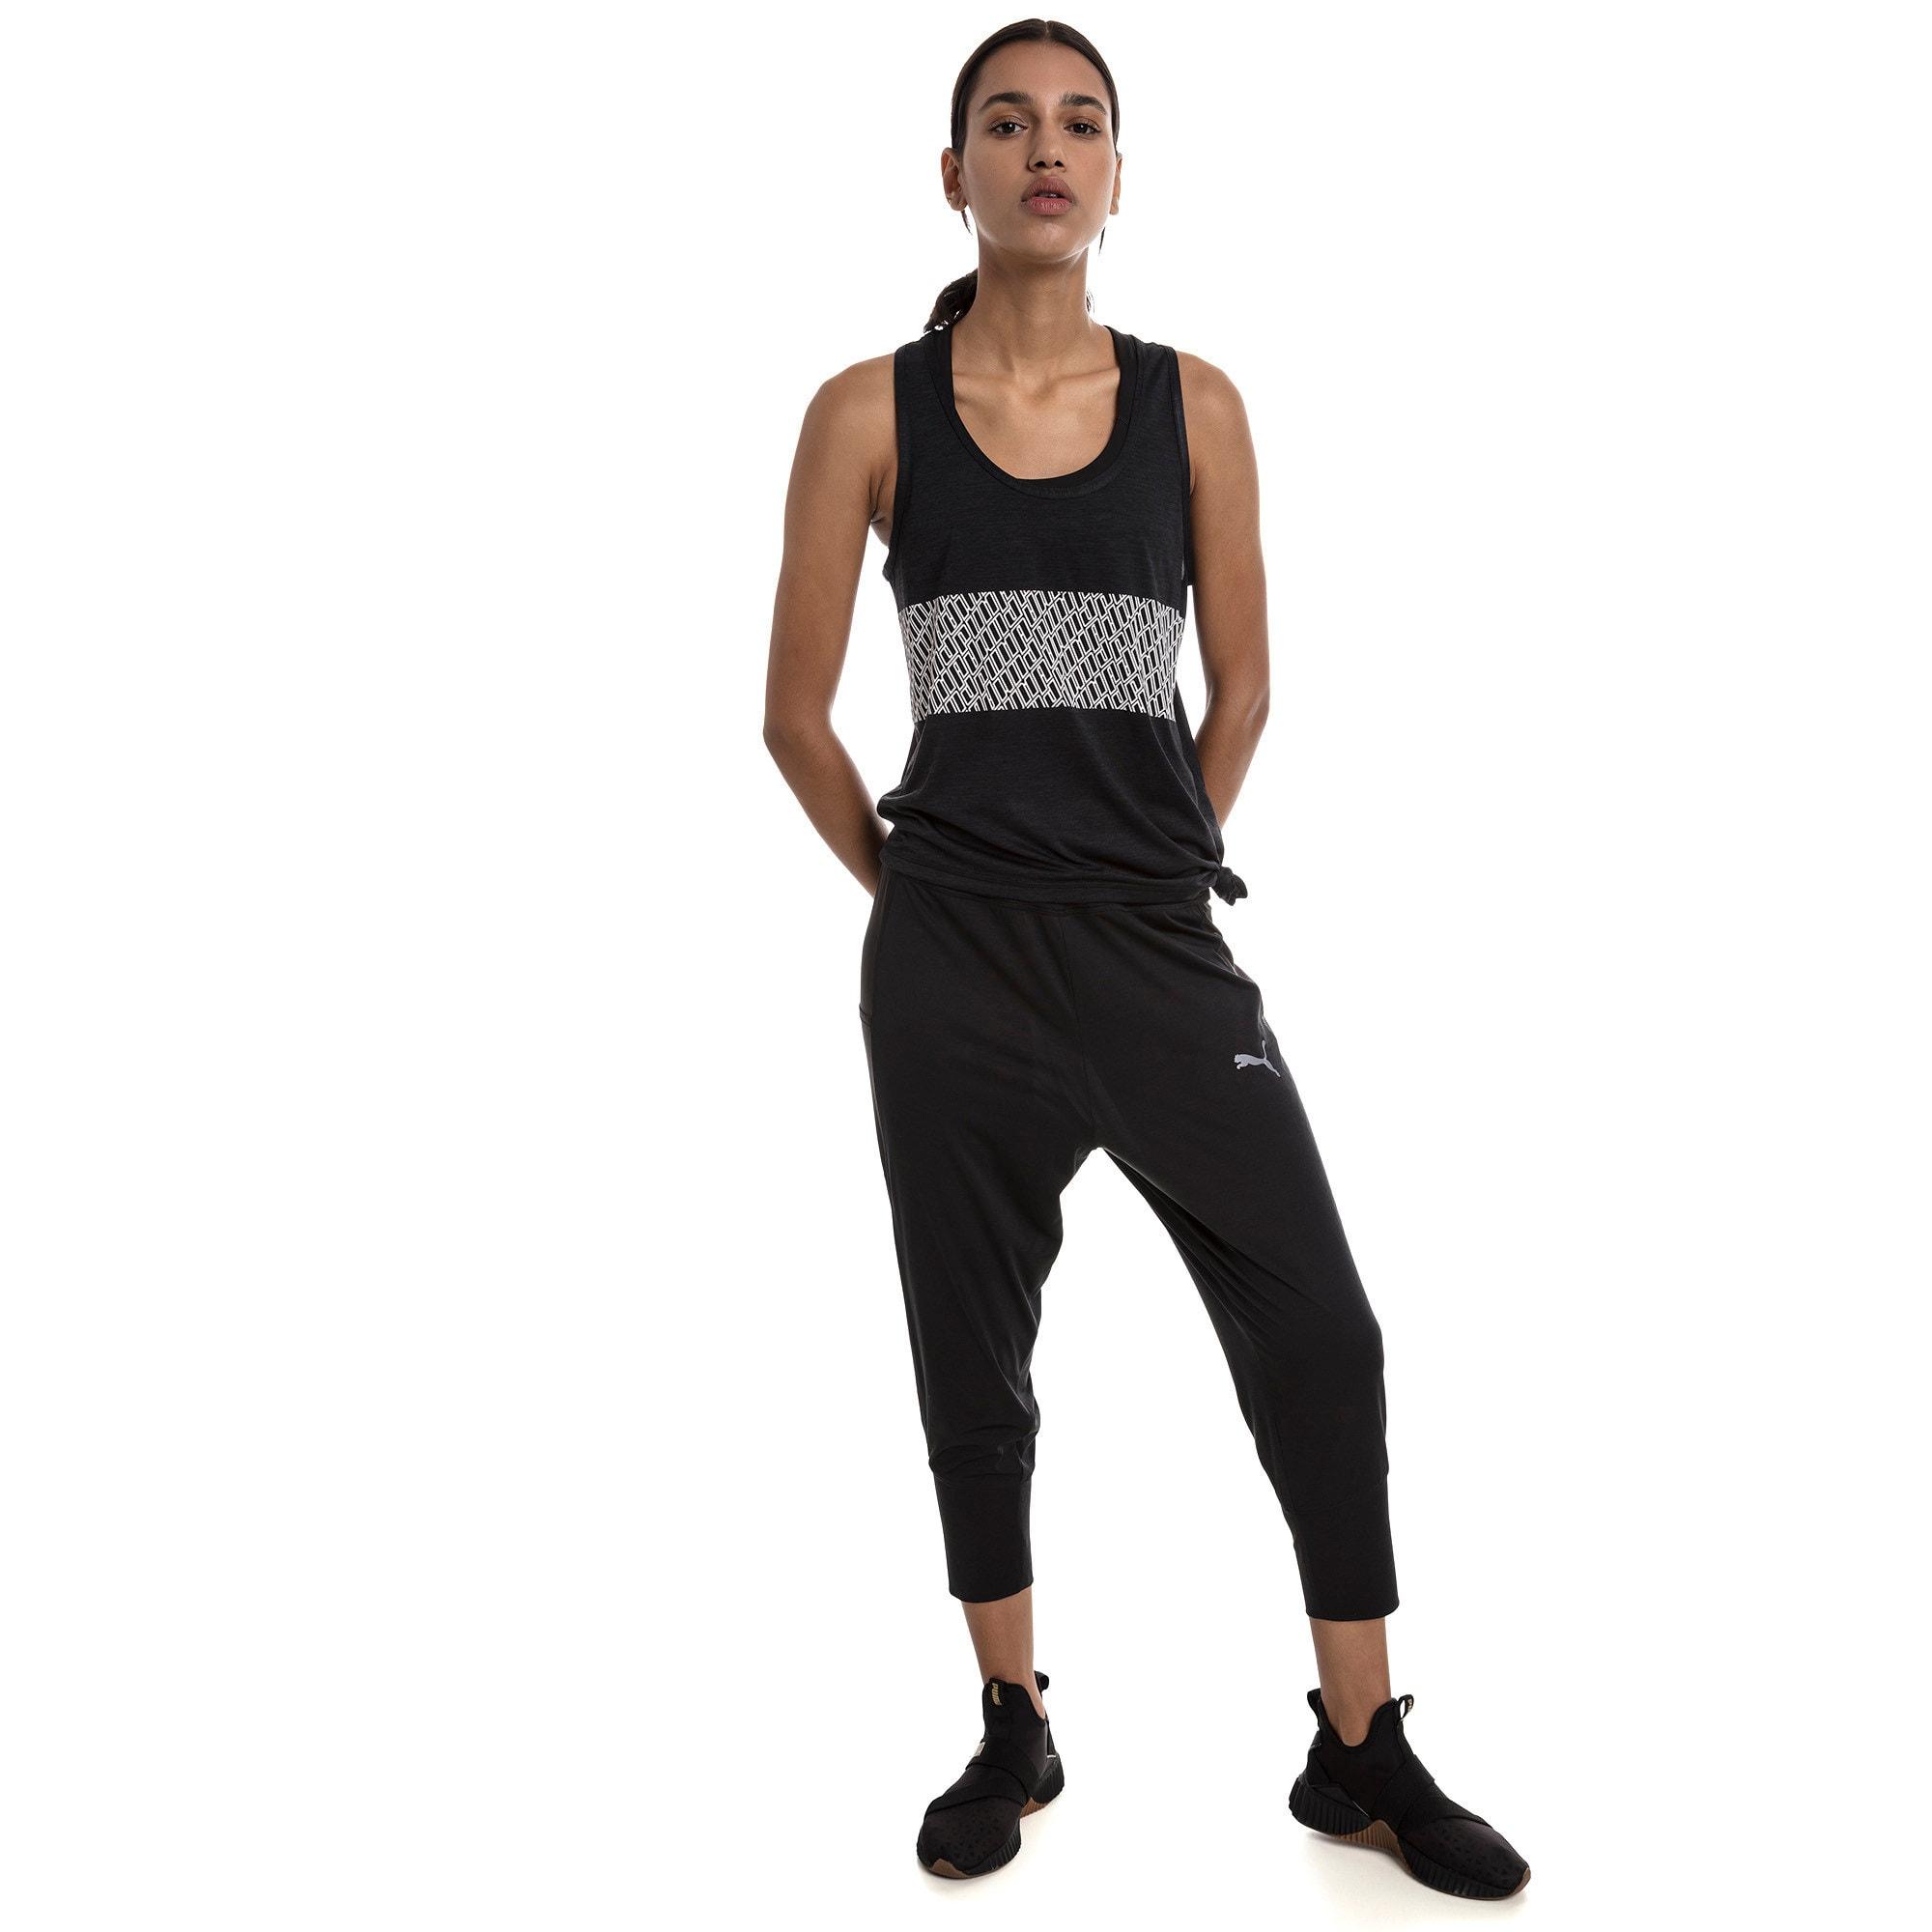 Miniatura 3 de Camiseta sin mangas con logo atractivo, Puma Black Heather, mediano